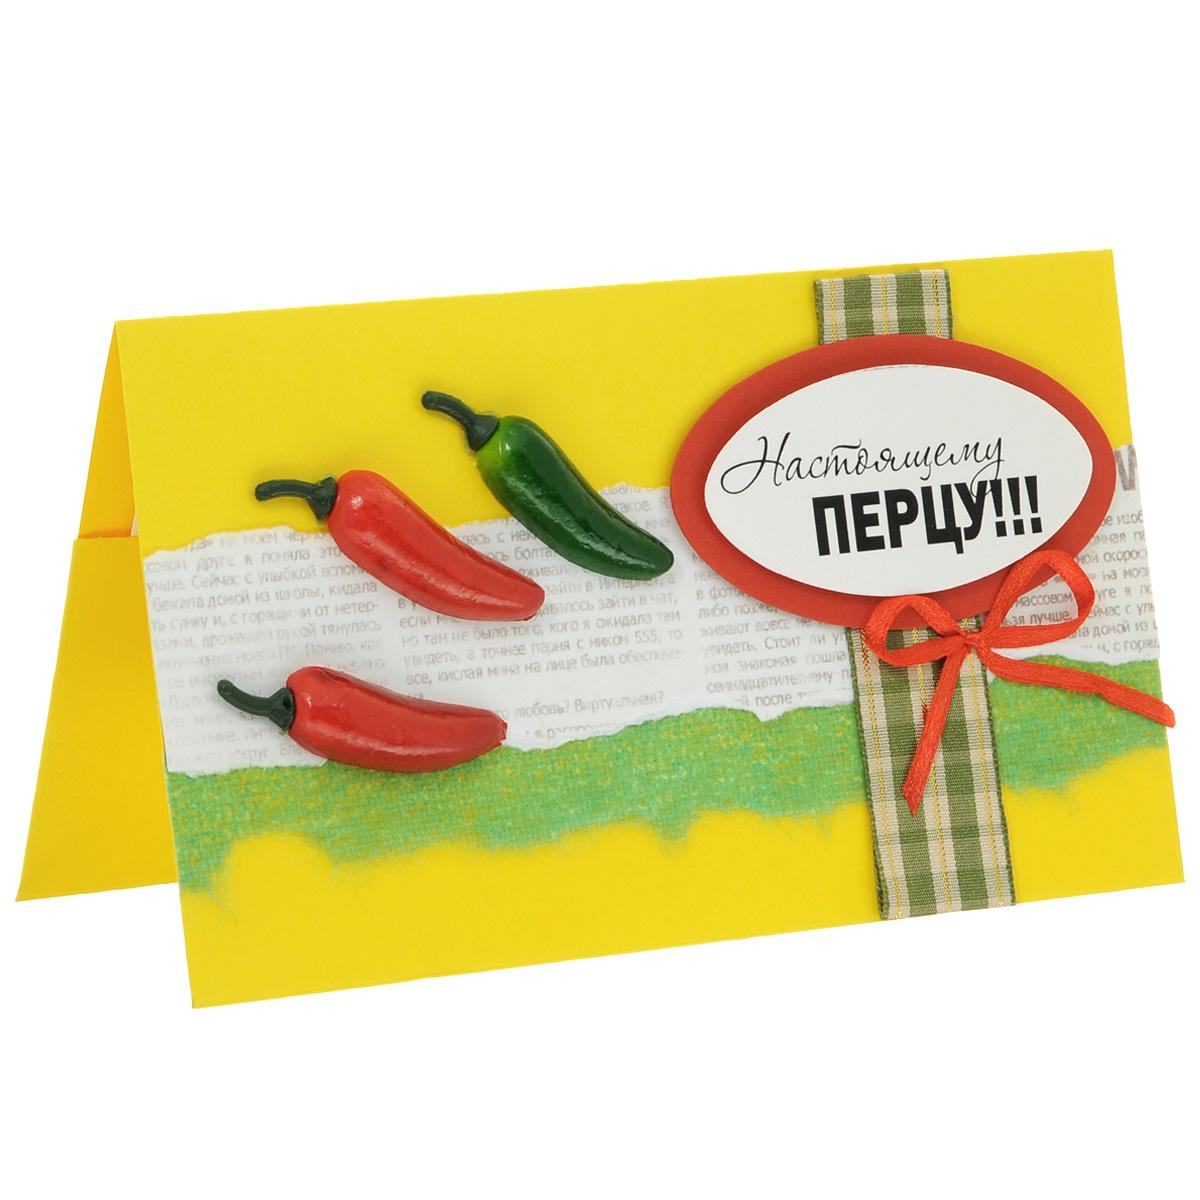 ОМ-0003 Открытка-конверт «Настоящему перцу!». Студия «Тётя Роза»798564Характеристики: Размер 19 см x 11 см.Материал: Высоко-художественный картон, бумага, декор. Данная открытка может стать как прекрасным дополнением к вашему подарку, так и самостоятельным подарком. Так как открытка является и конвертом, в который вы можете вложить ваш денежный подарок или просто написать ваши пожелания на вкладыше. Выразительная и «острая» открытка создана на сочетании ярких контрастов и поэтому берет на себя много внимания. В дизайне использованы разнофактурные материалы: печатный принт, атласные и тканые ленты. Почти настоящие острые перчики задают теме выразительный тон и некую пикантность. Обращаем Ваше внимание на то, что открытка может незначительно отличаться от представленной на фото.Открытки ручной работы от студии Тётя Роза отличаются своим неповторимым и ярким стилем. Каждая уникальна и выполнена вручную мастерами студии. (Открытка для мужчин, открытка для женщины, открытка на день рождения, открытка с днем свадьбы, открытка винтаж, открытка с юбилеем, открытка на все случаи, скрапбукинг)